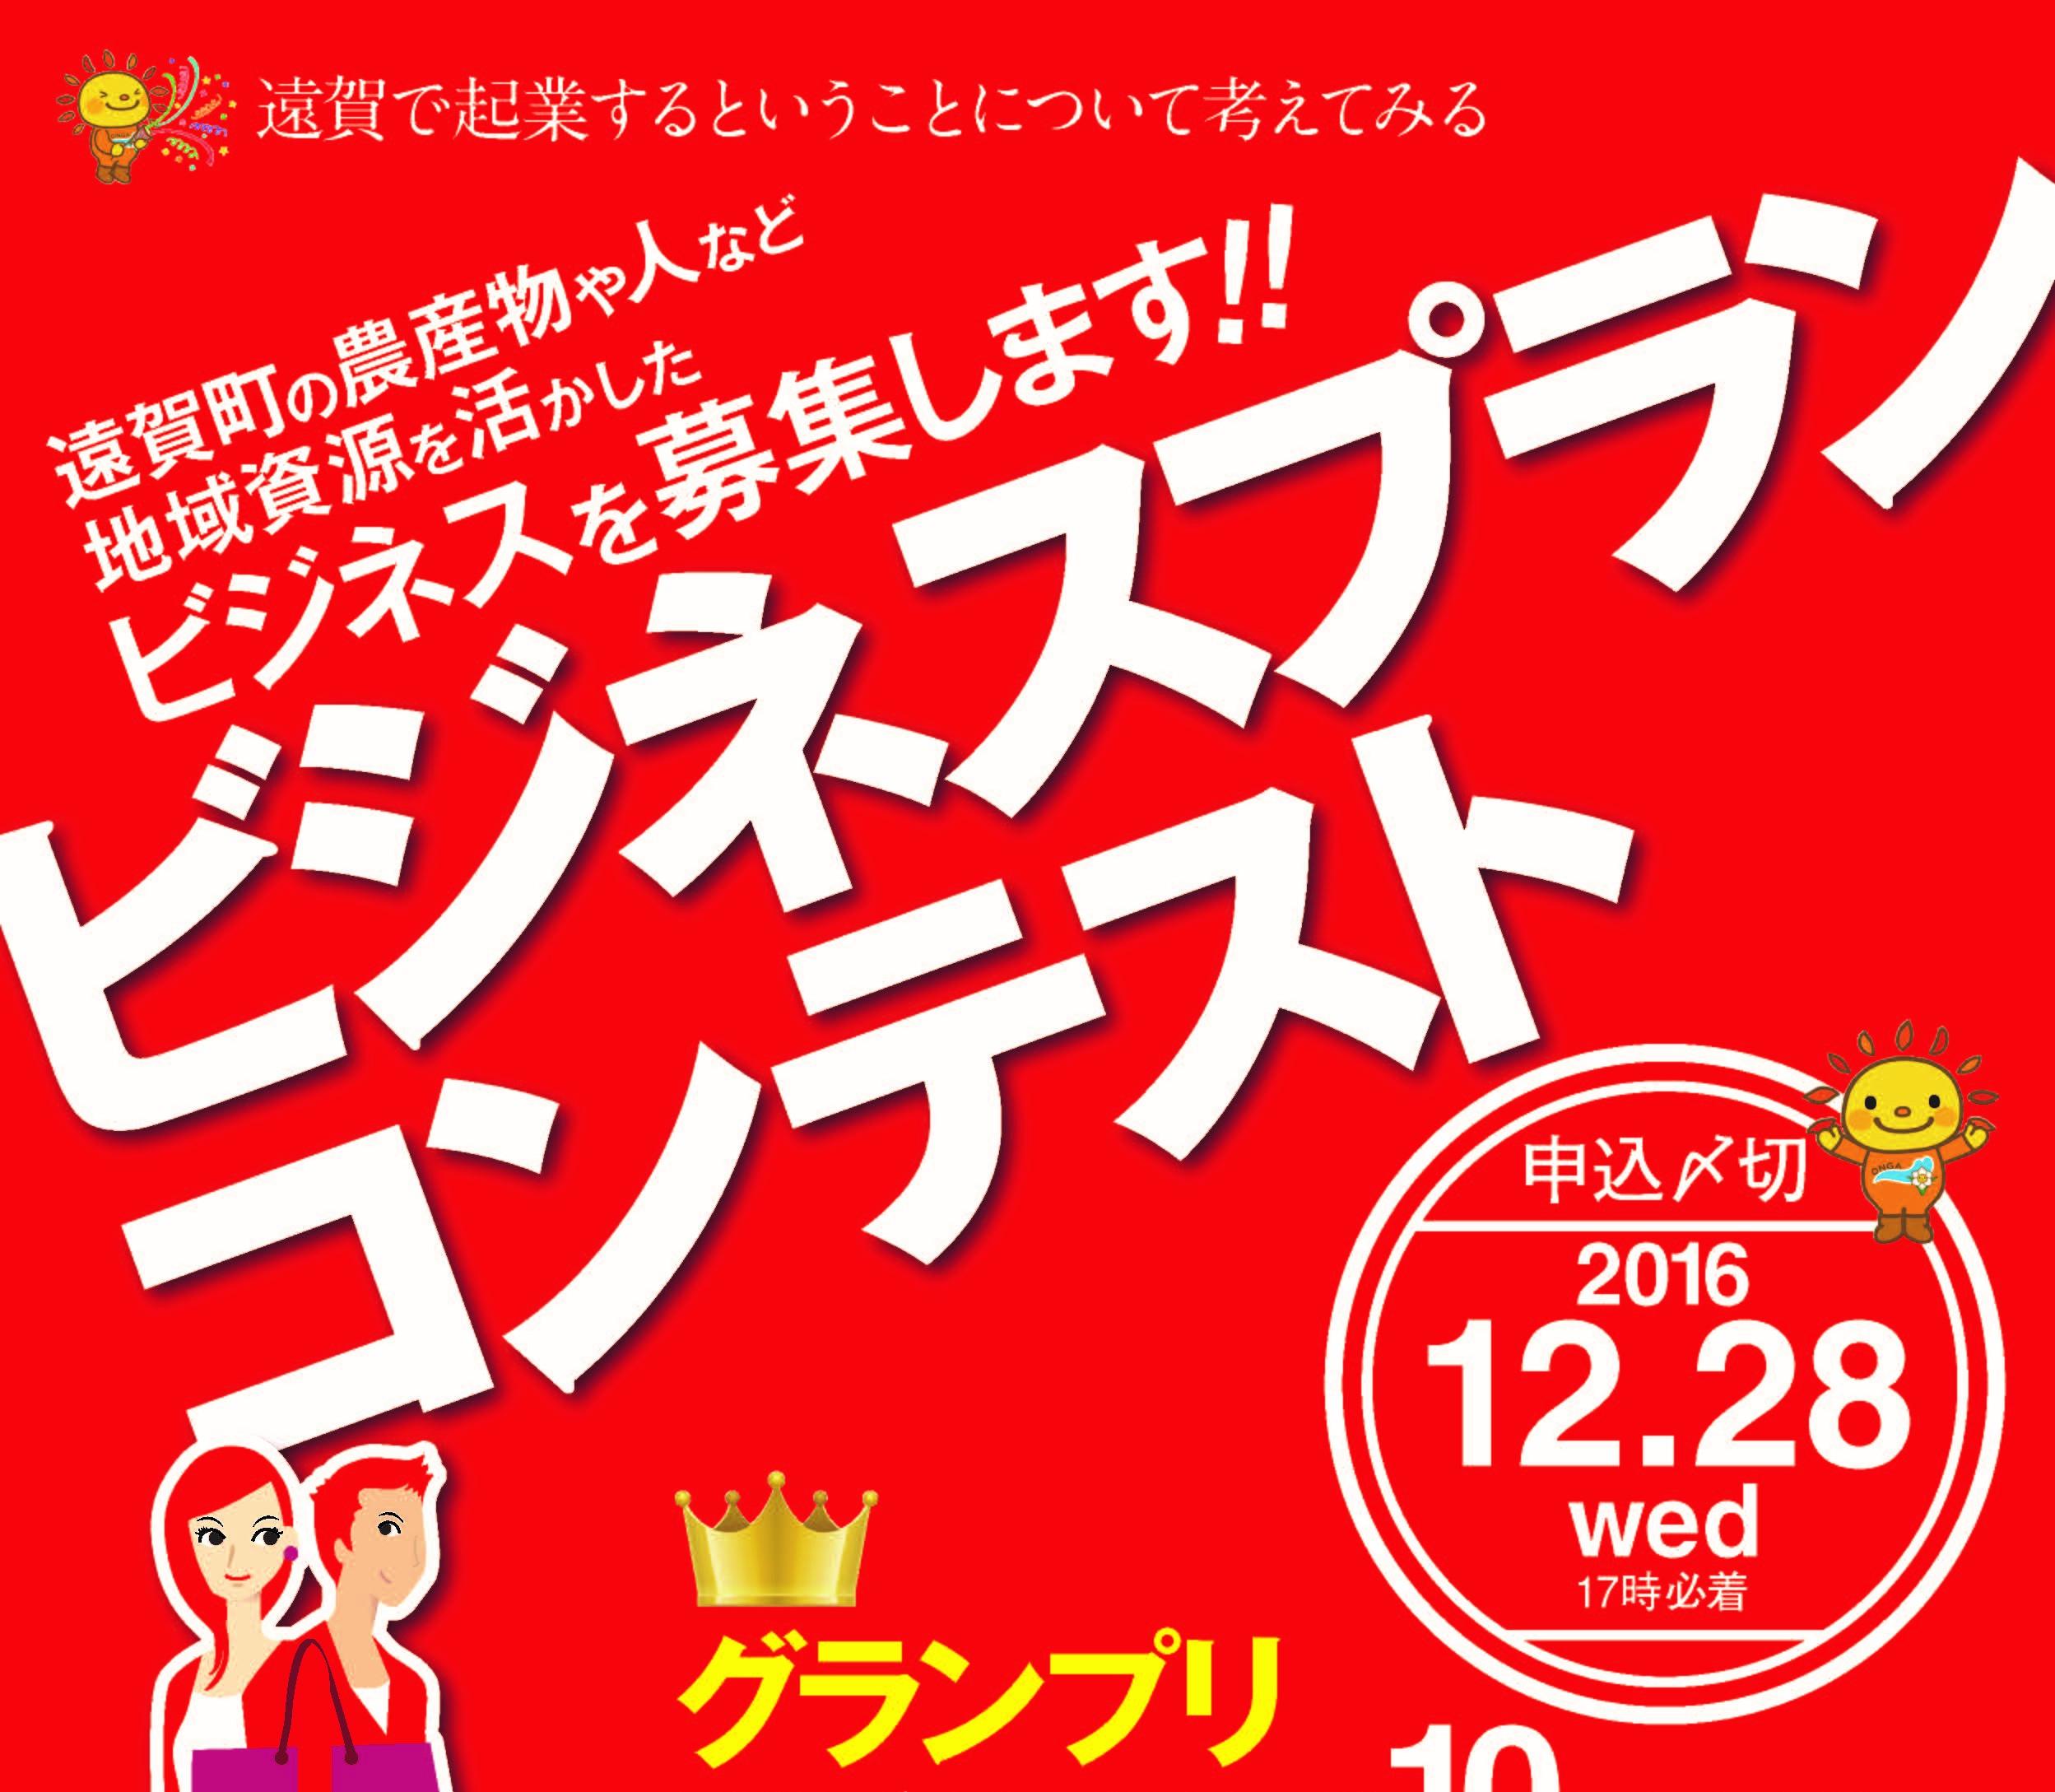 """遠賀町ビジネスプランコンテスト開催!!申込締切は平成28年12月28日(水)17時の写真です"""""""